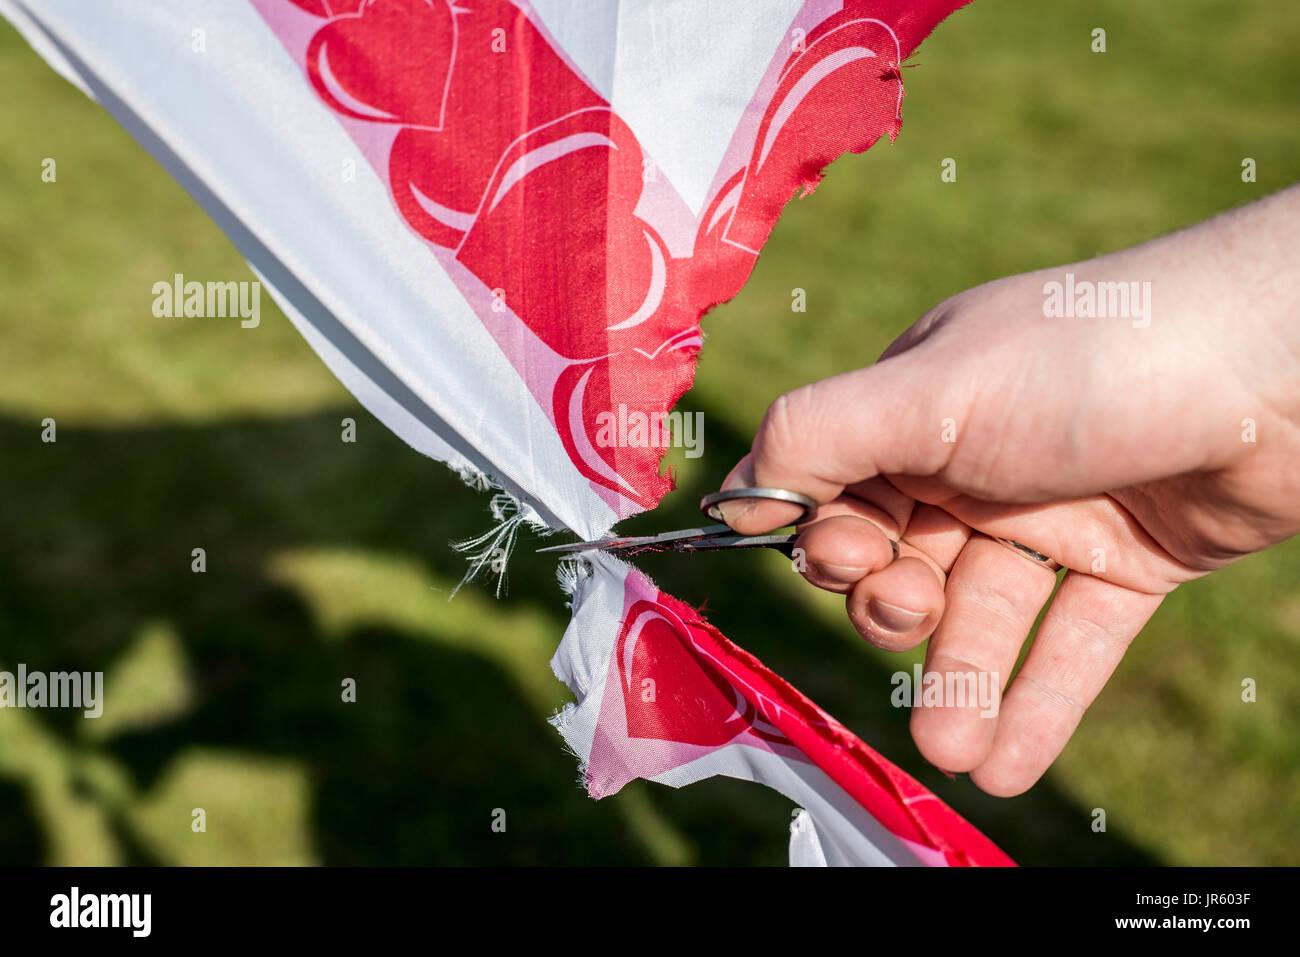 Tagli uomo forbici dito mano sulla tradizione di nozze intaglio cuore dettaglio closeup Immagini Stock